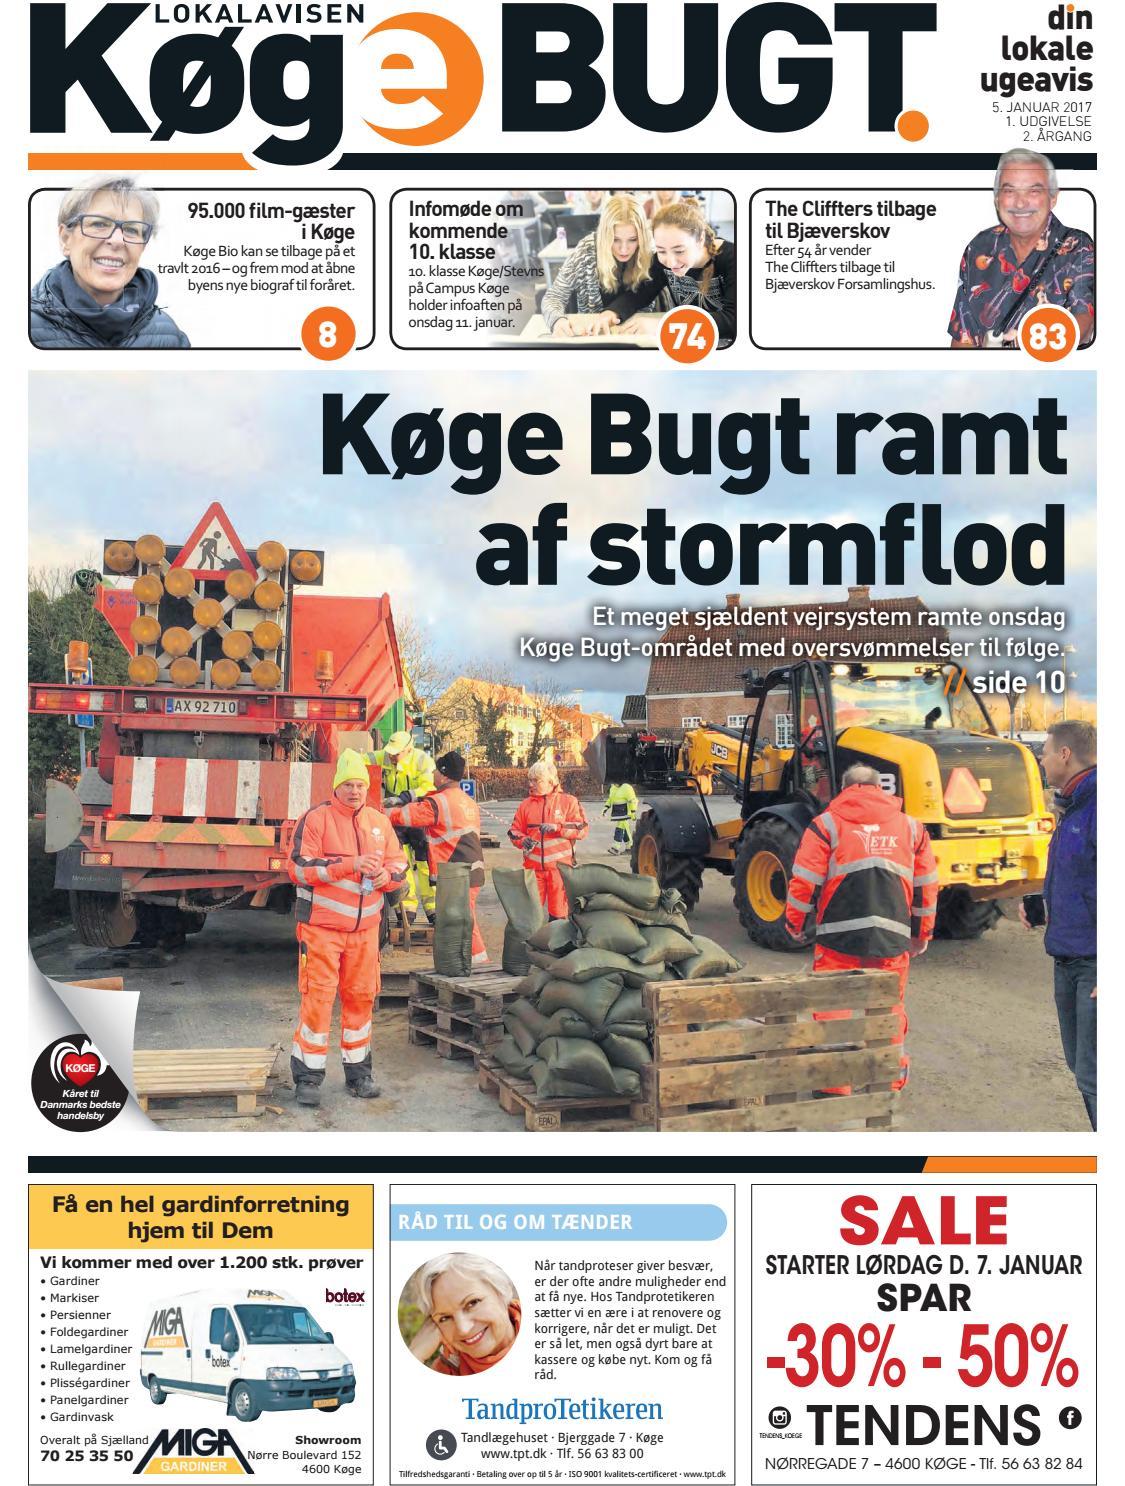 6dd5bd74639e Lokalavisen Køge Bugt uge 1 2017 by Lokalavisen Køge Bugt - issuu